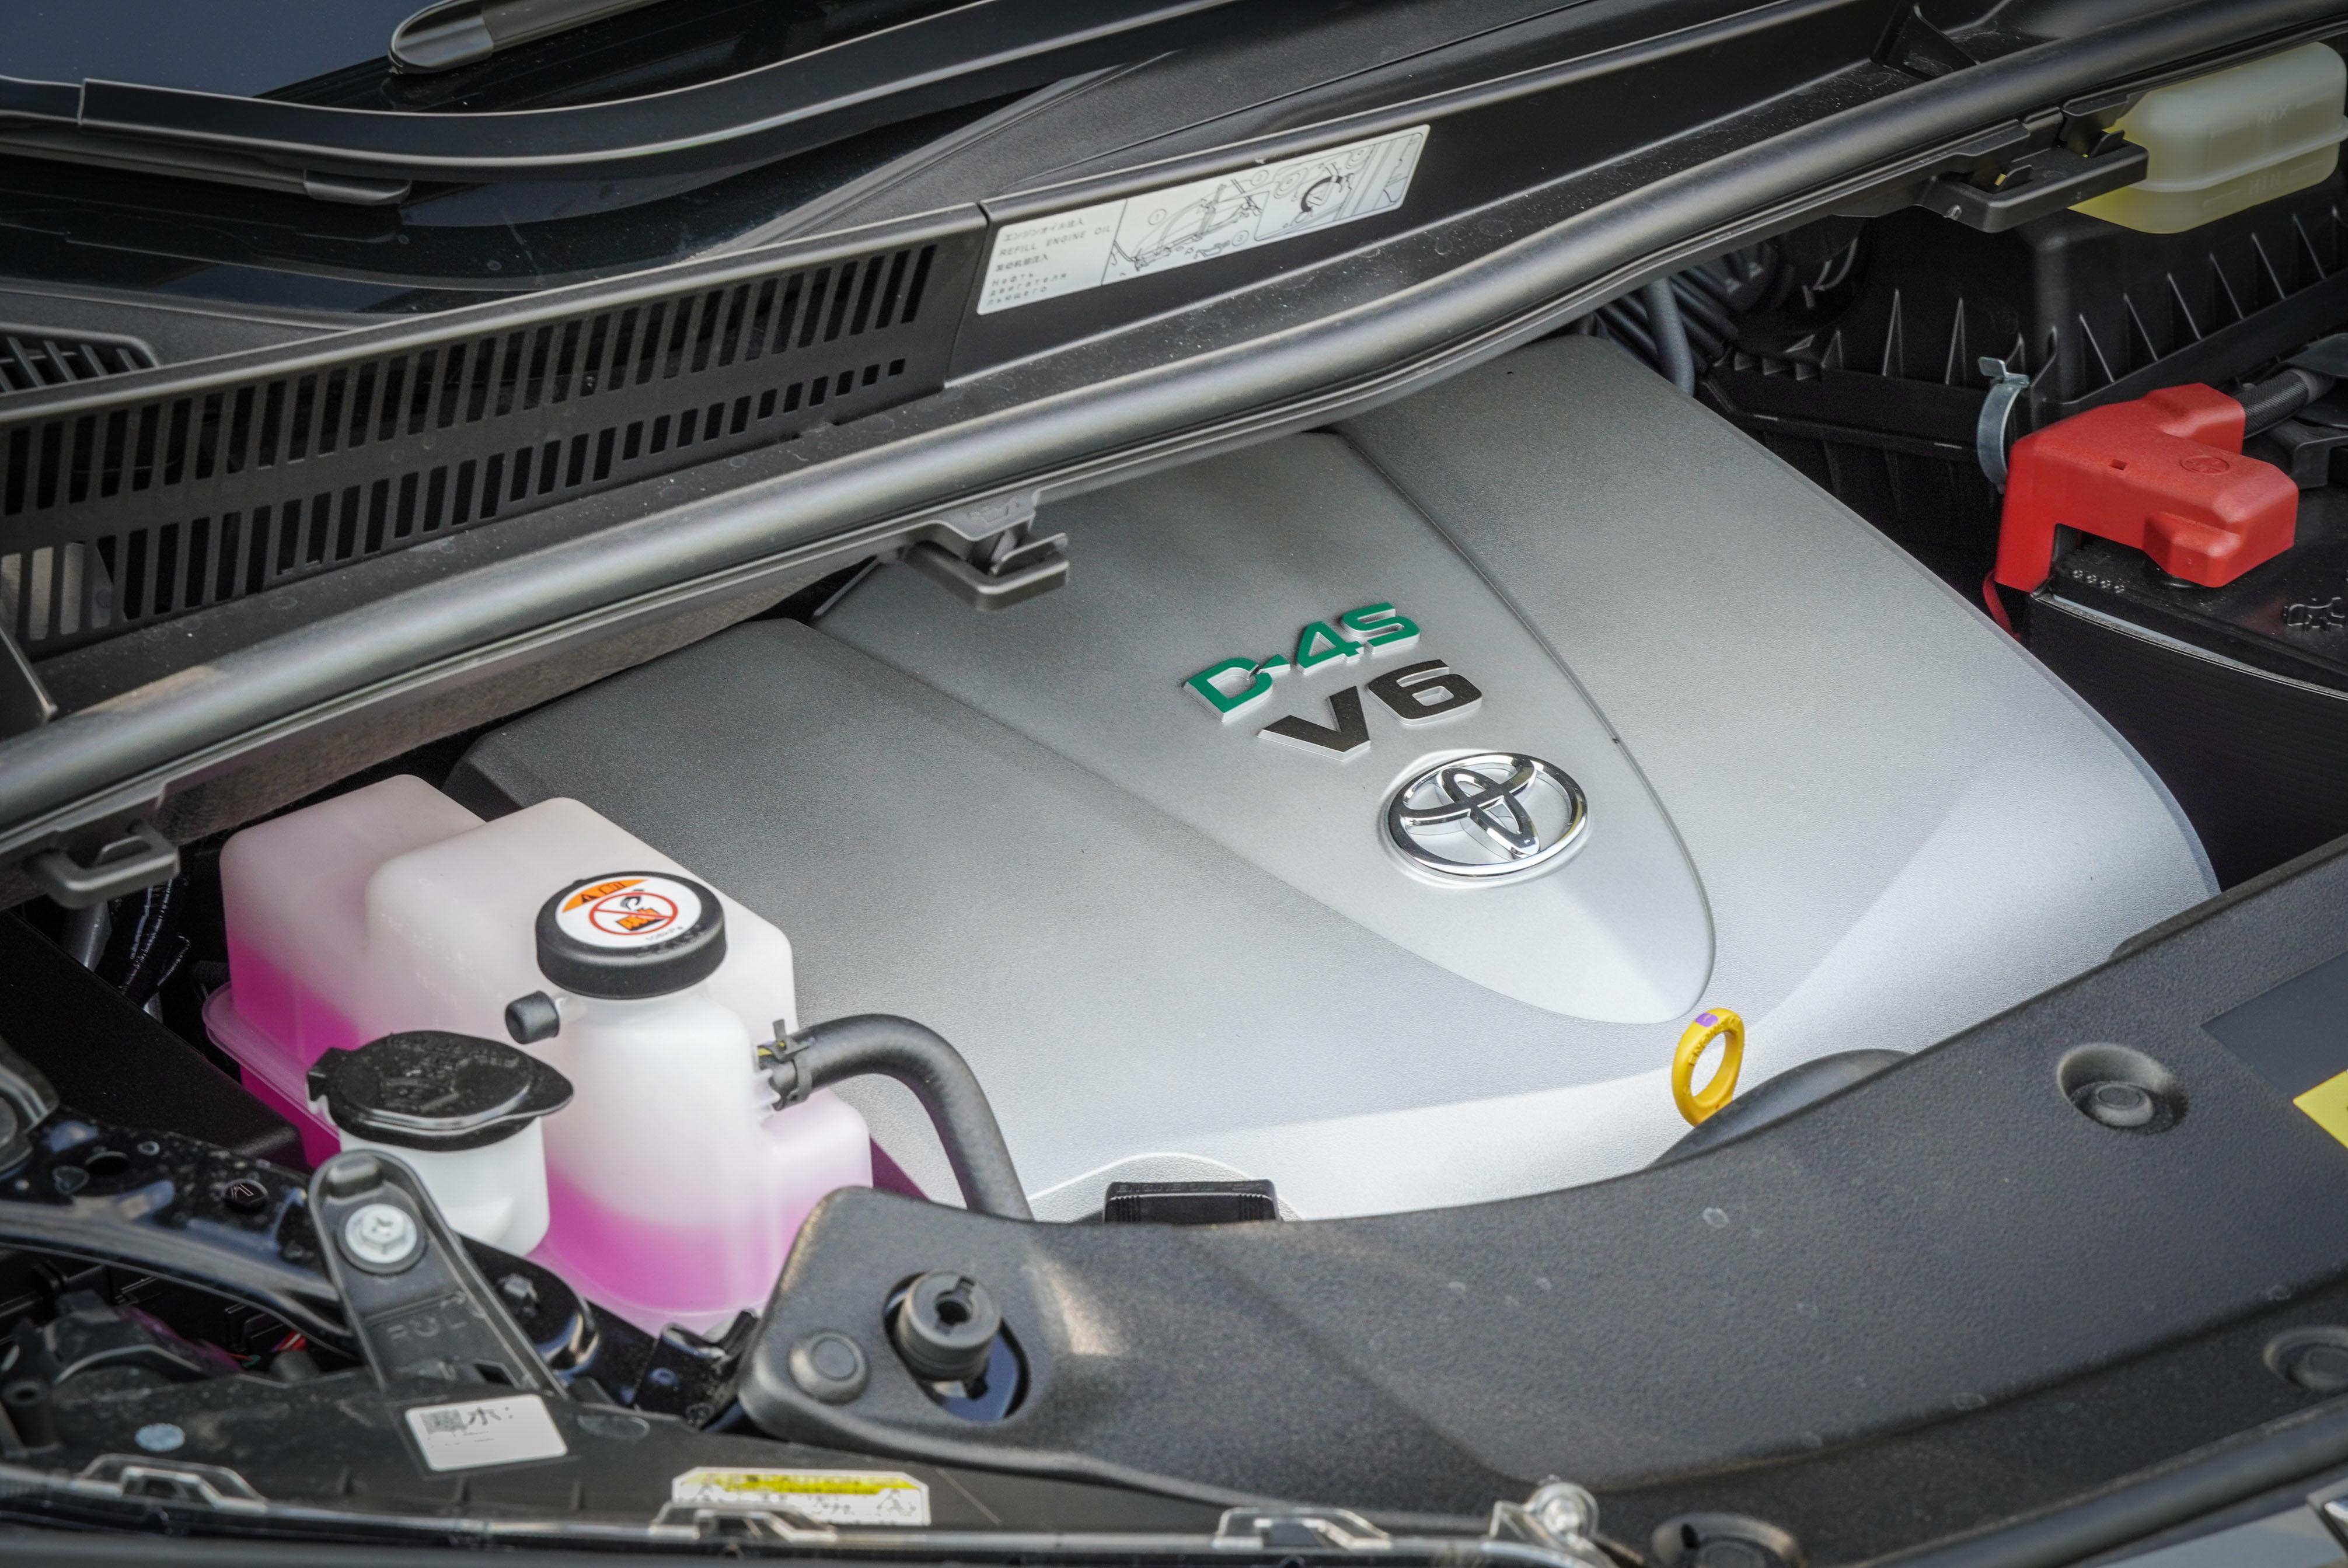 搭載 3.5 升 V6 自然進氣汽油引擎,具備 300ps/6600rpm 最大馬力與 36.8kgm/4700rpm 最大扭力輸出。